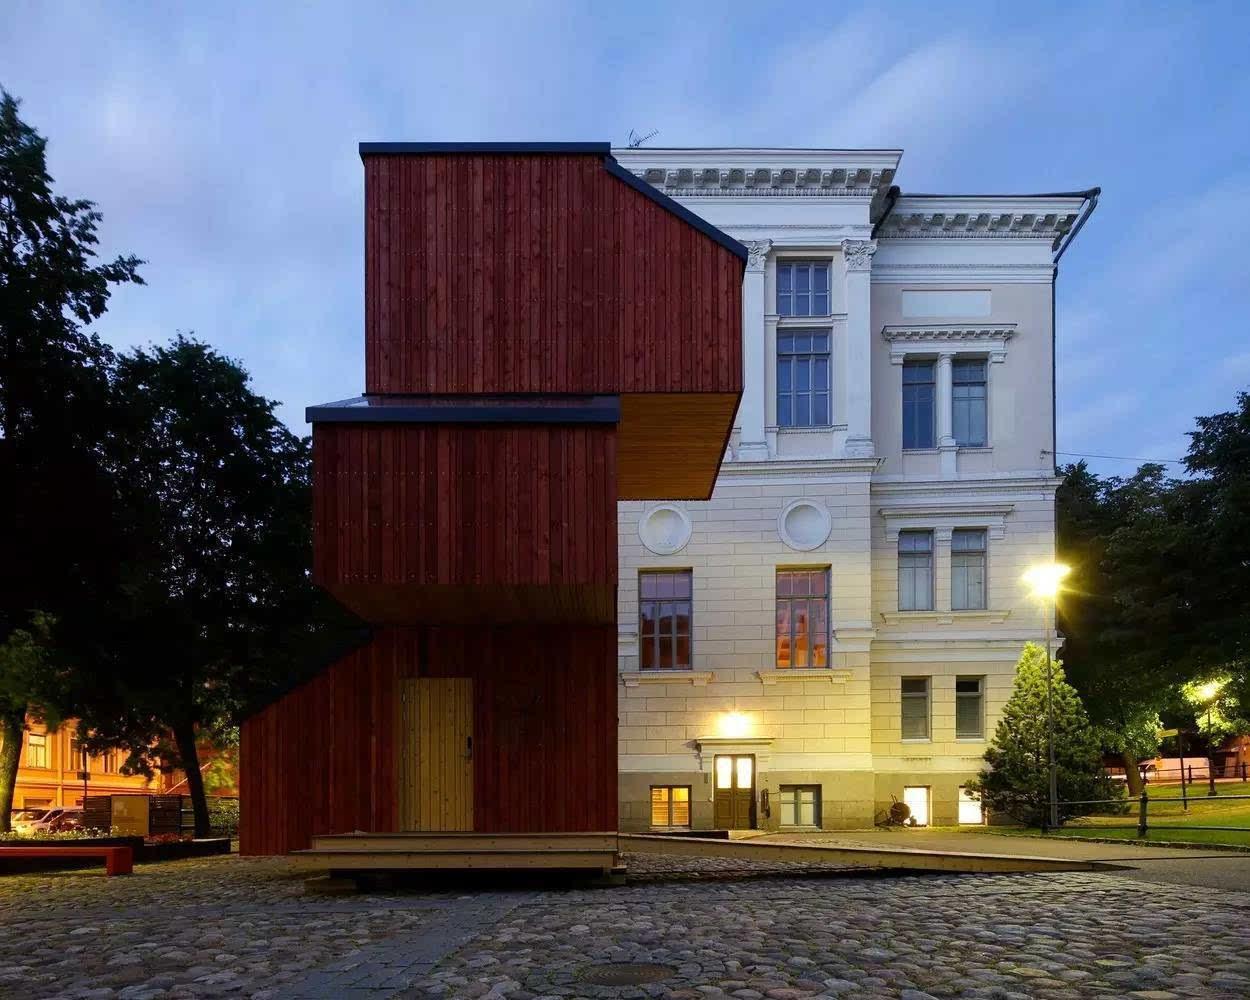 kokoon 是2015-2016学年度阿尔托大学艺术,设计与建筑学院的木结构